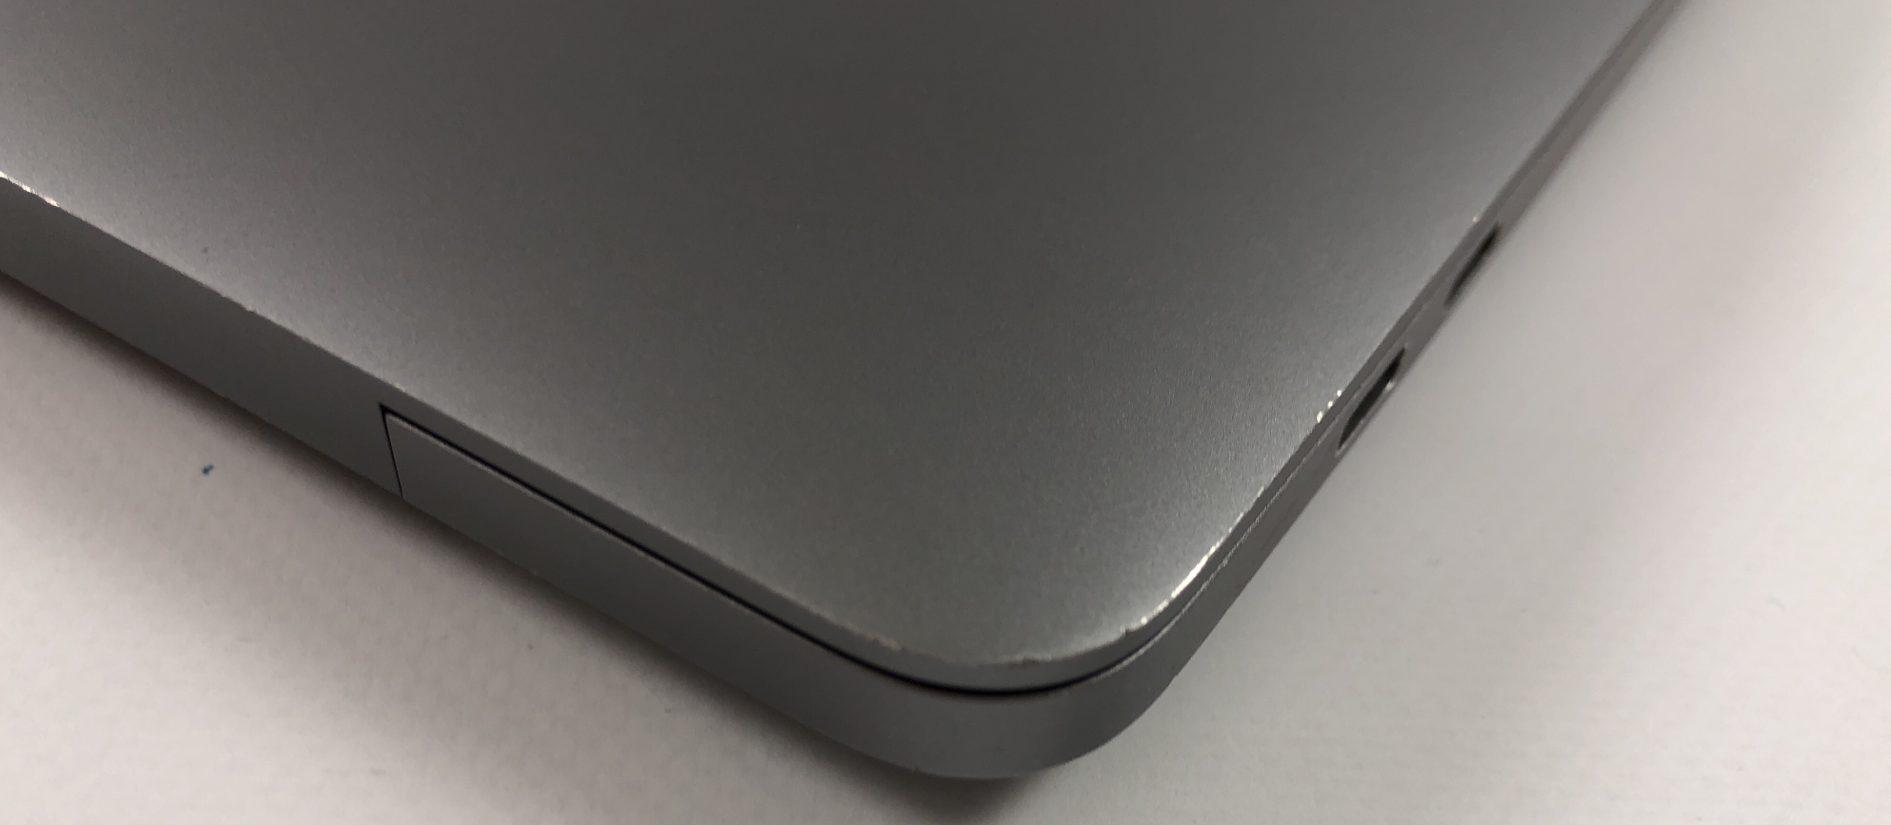 """MacBook Pro 15"""" Touch Bar Mid 2017 (Intel Quad-Core i7 2.8 GHz 16 GB RAM 512 GB SSD), Space Gray, Intel Quad-Core i7 2.8 GHz, 16 GB RAM, 512 GB SSD, Kuva 6"""